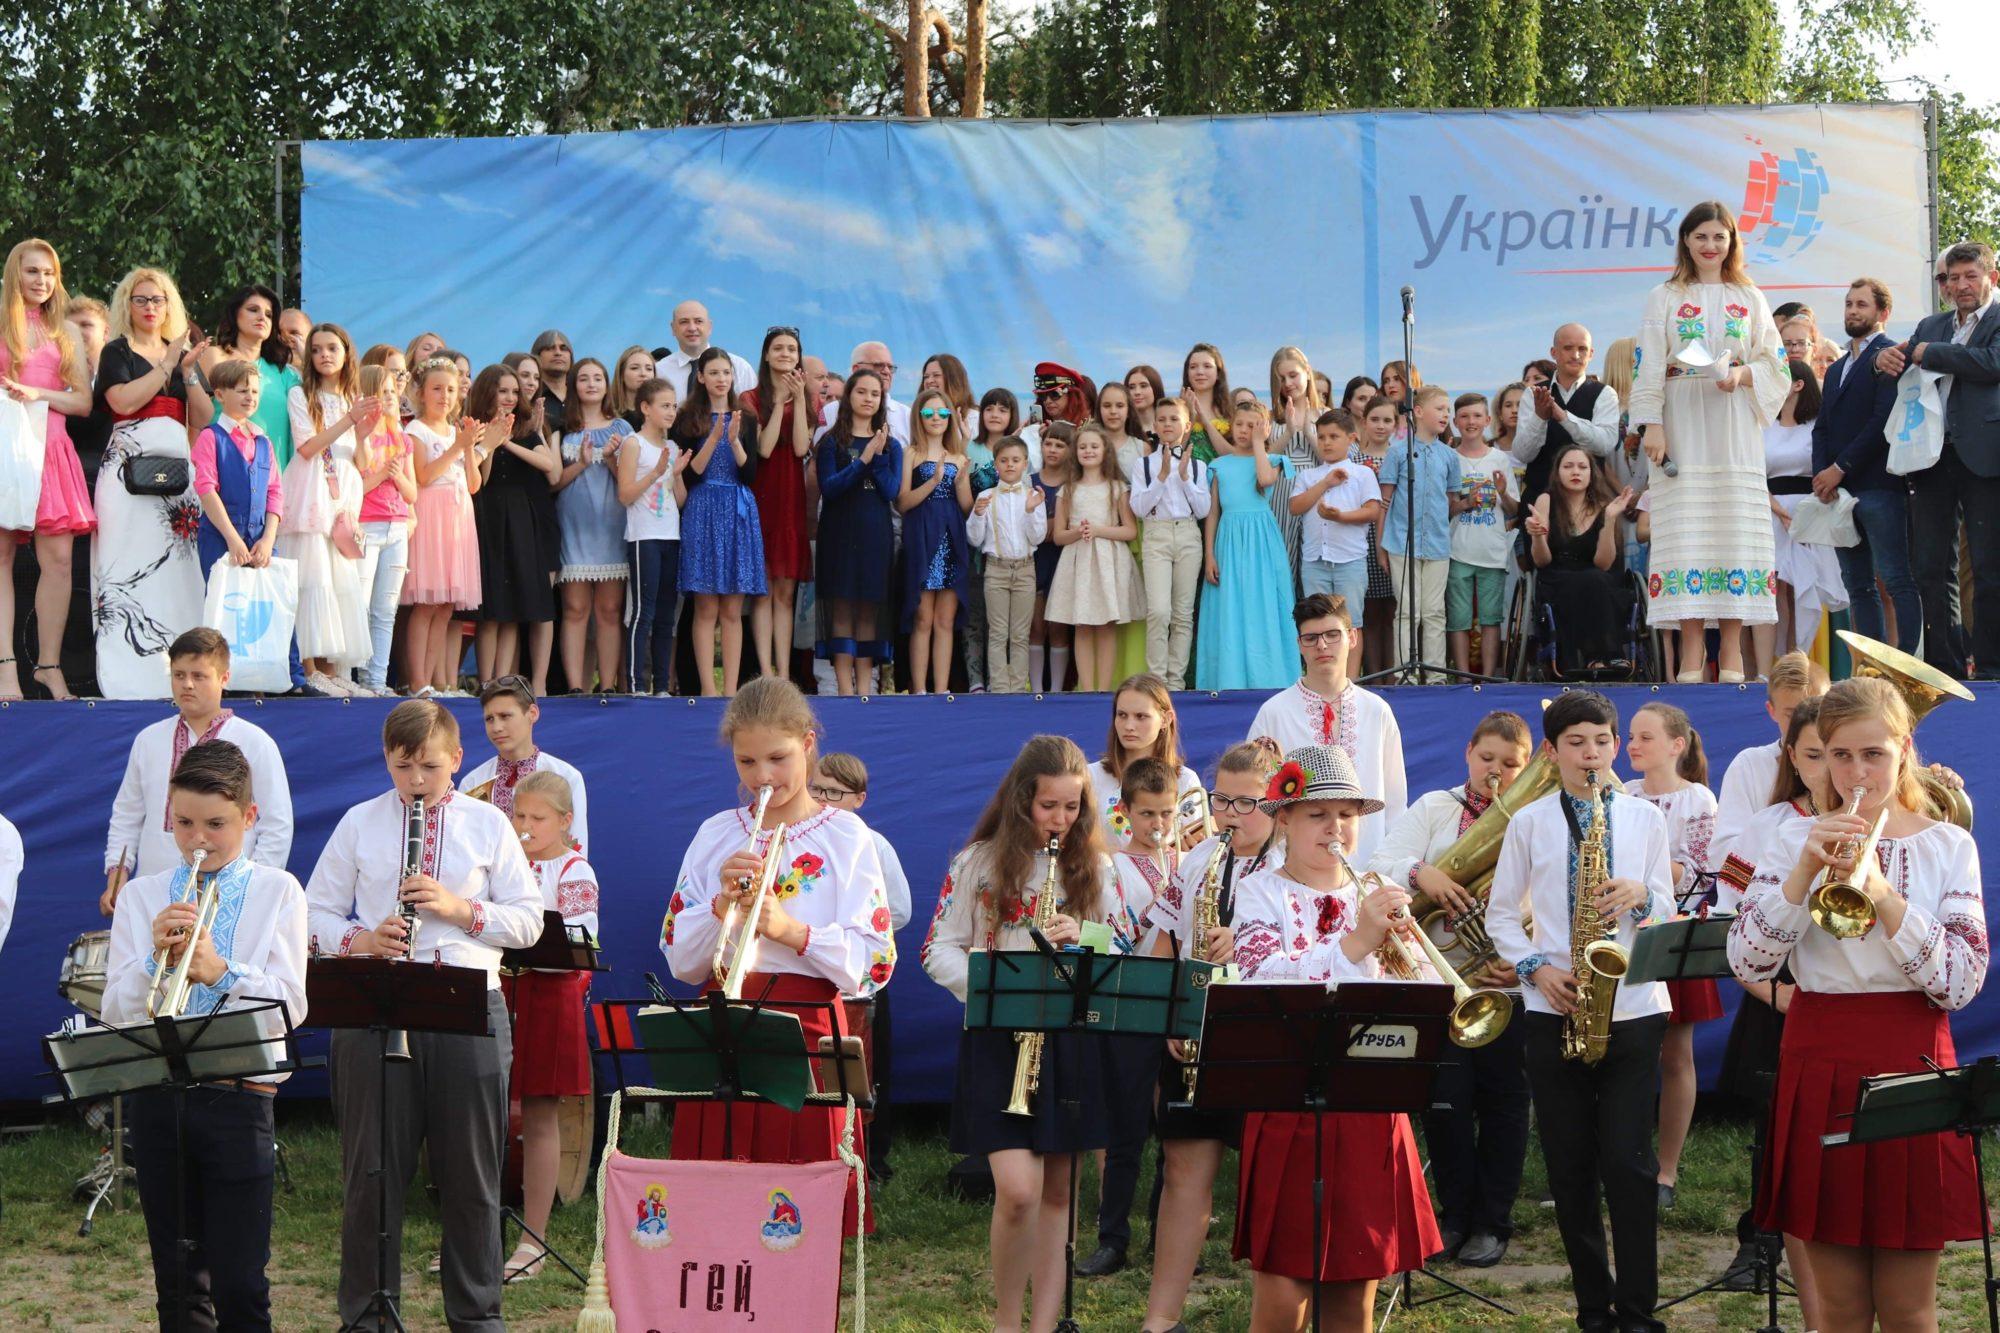 В Українці стартував міжнародний фестиваль «Золотий ключик» -  - 8AF3BE8E F95C 480C AAC5 2FBAD6A32365 2000x1333